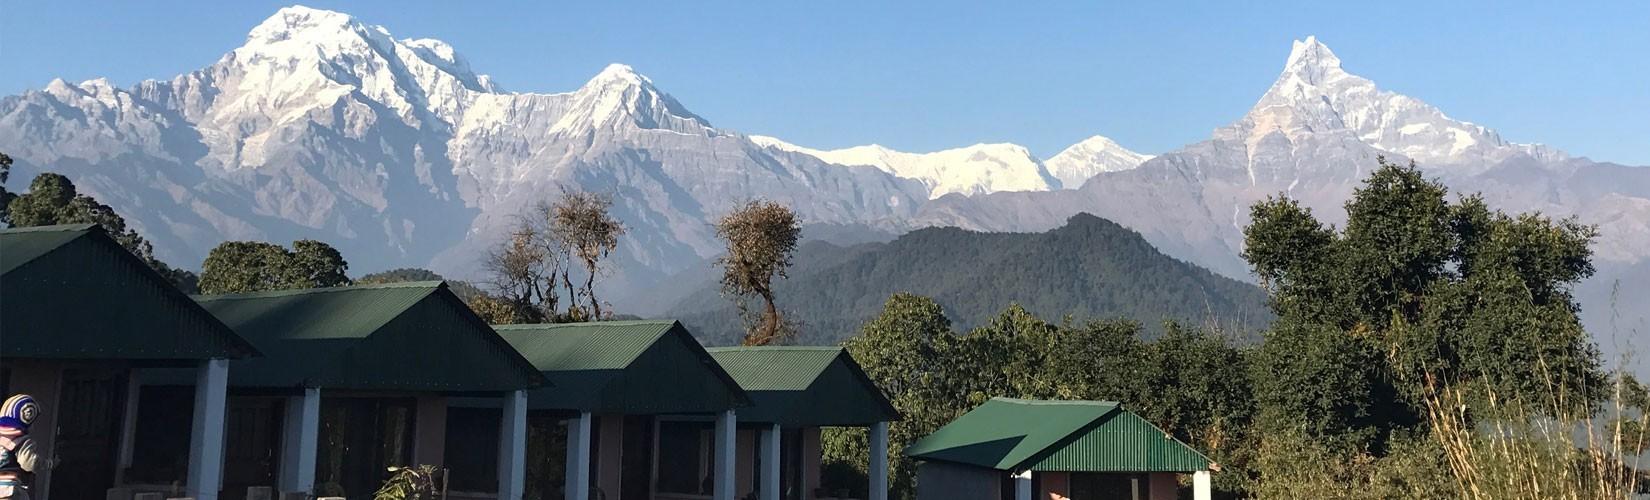 Dhampus Sarangkot Hiking